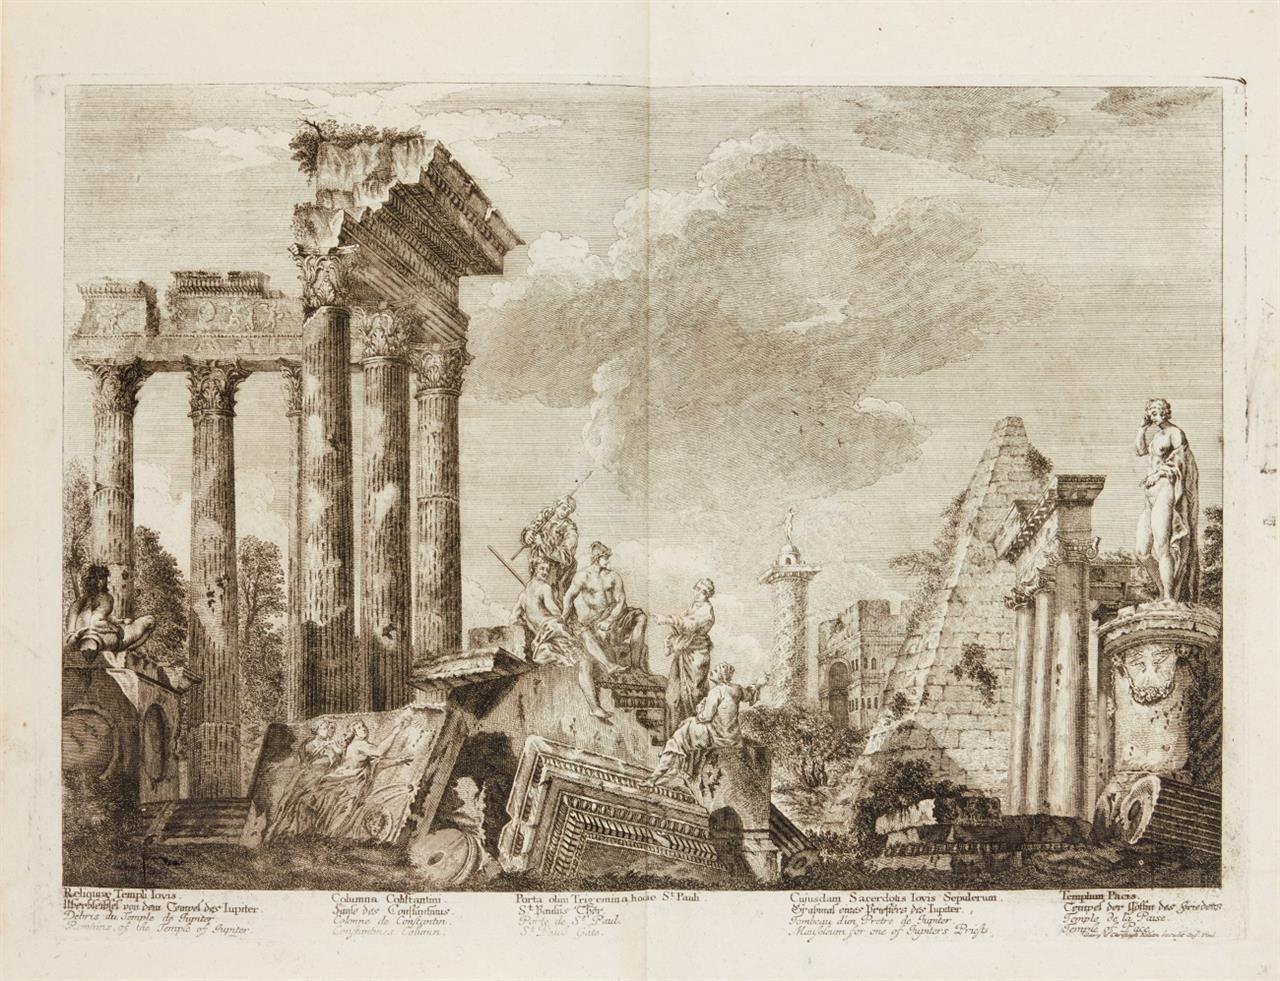 J. Barbault, Denkmäler des alten Roms. Neue Aufl. 2 Bde. Lpz 1803.